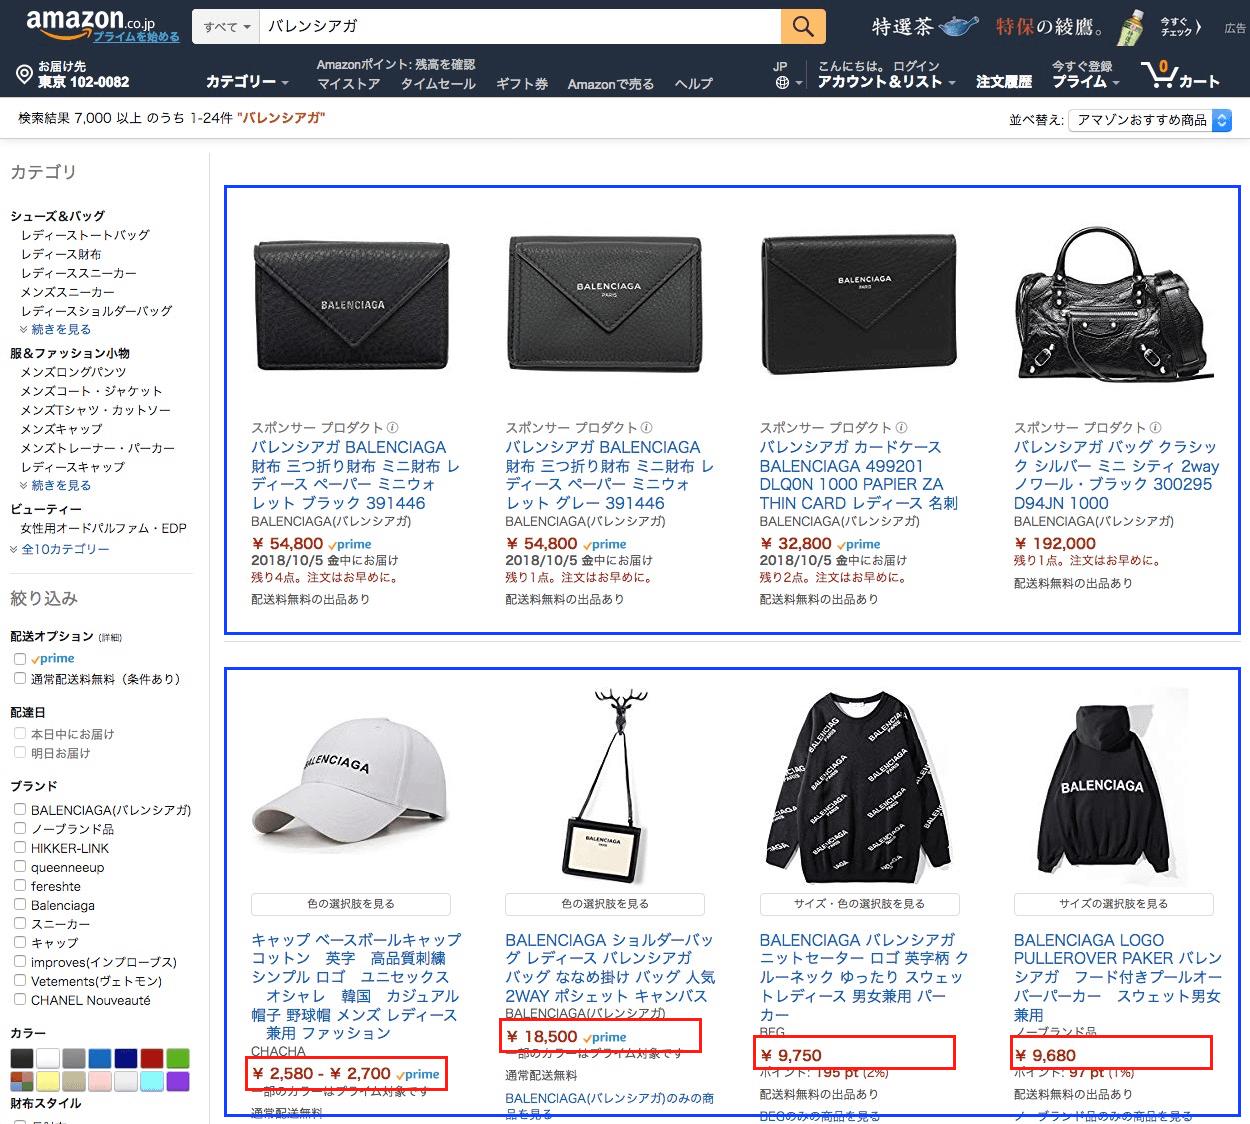 Amazonでブランドコピー品が販売されている:検索した結果